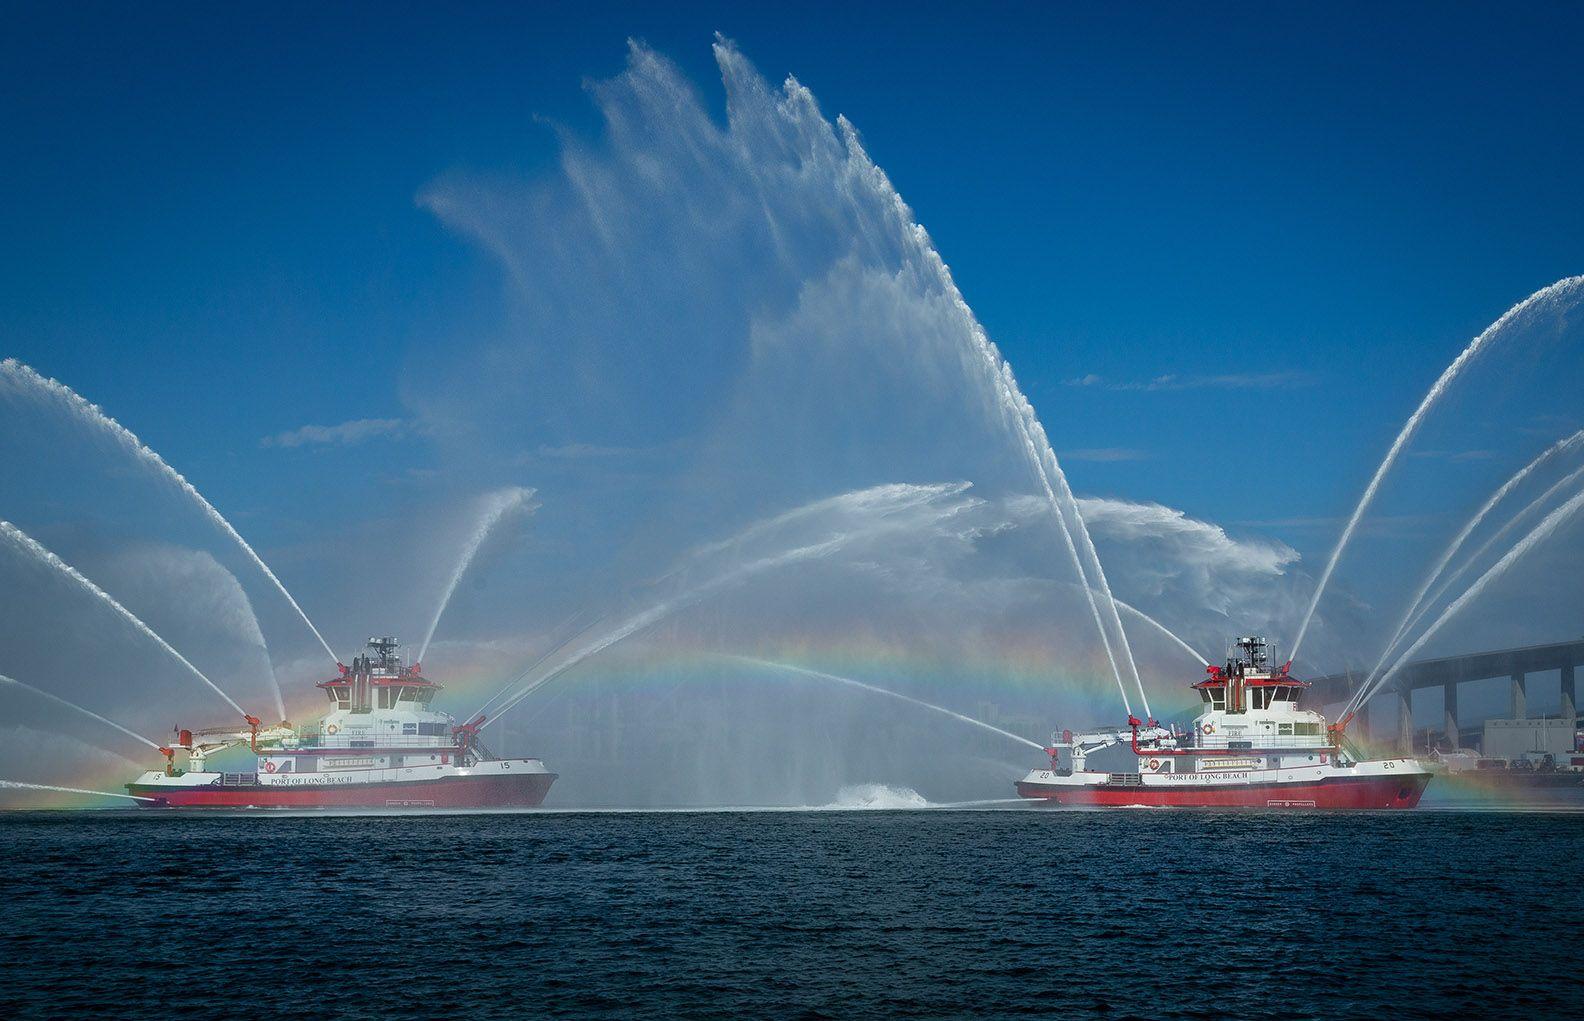 FireboatRainbow.jpg